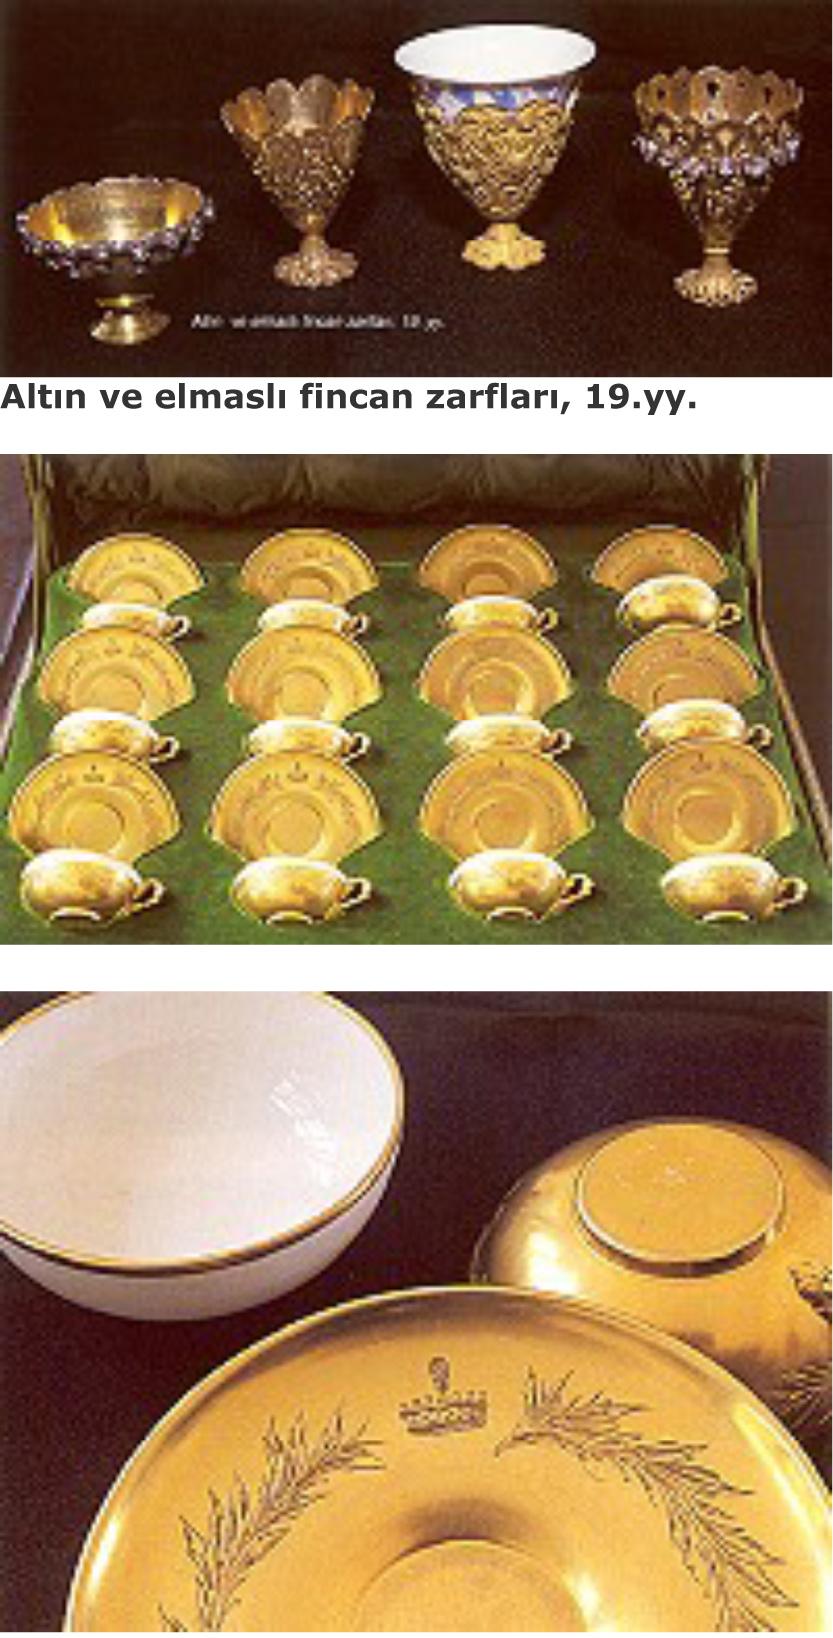 Env. No. 2/7628, altın zarf ve tabaklı fincan takımı : Tabak: ç:10.4cm Fincan: ç:6.9 cm y:3 cm Zarf : ç:6.9 cm y:2.3 cm 19.yy. sonu - 20.yy. başı Fransa Yeşil renkli deri, atlas ve kadife kaplı orijinal mahfaza içinde 12'şer adet bezemesiz beyaz porselen fincan, altın tabak ve kulplu altın zarftan oluşur. Tabak ve zarfların ağız kenarını çeviren defne çelenginin ortasındaki sorguç ve hilalli taç motifi, eserin Osmanlı ya da Mısır Hidiv Hanedan'ından birisi için özel yapılmış olabileceğini düşündürür. Tabak ve zarflar Paris imalat damgalıdır.